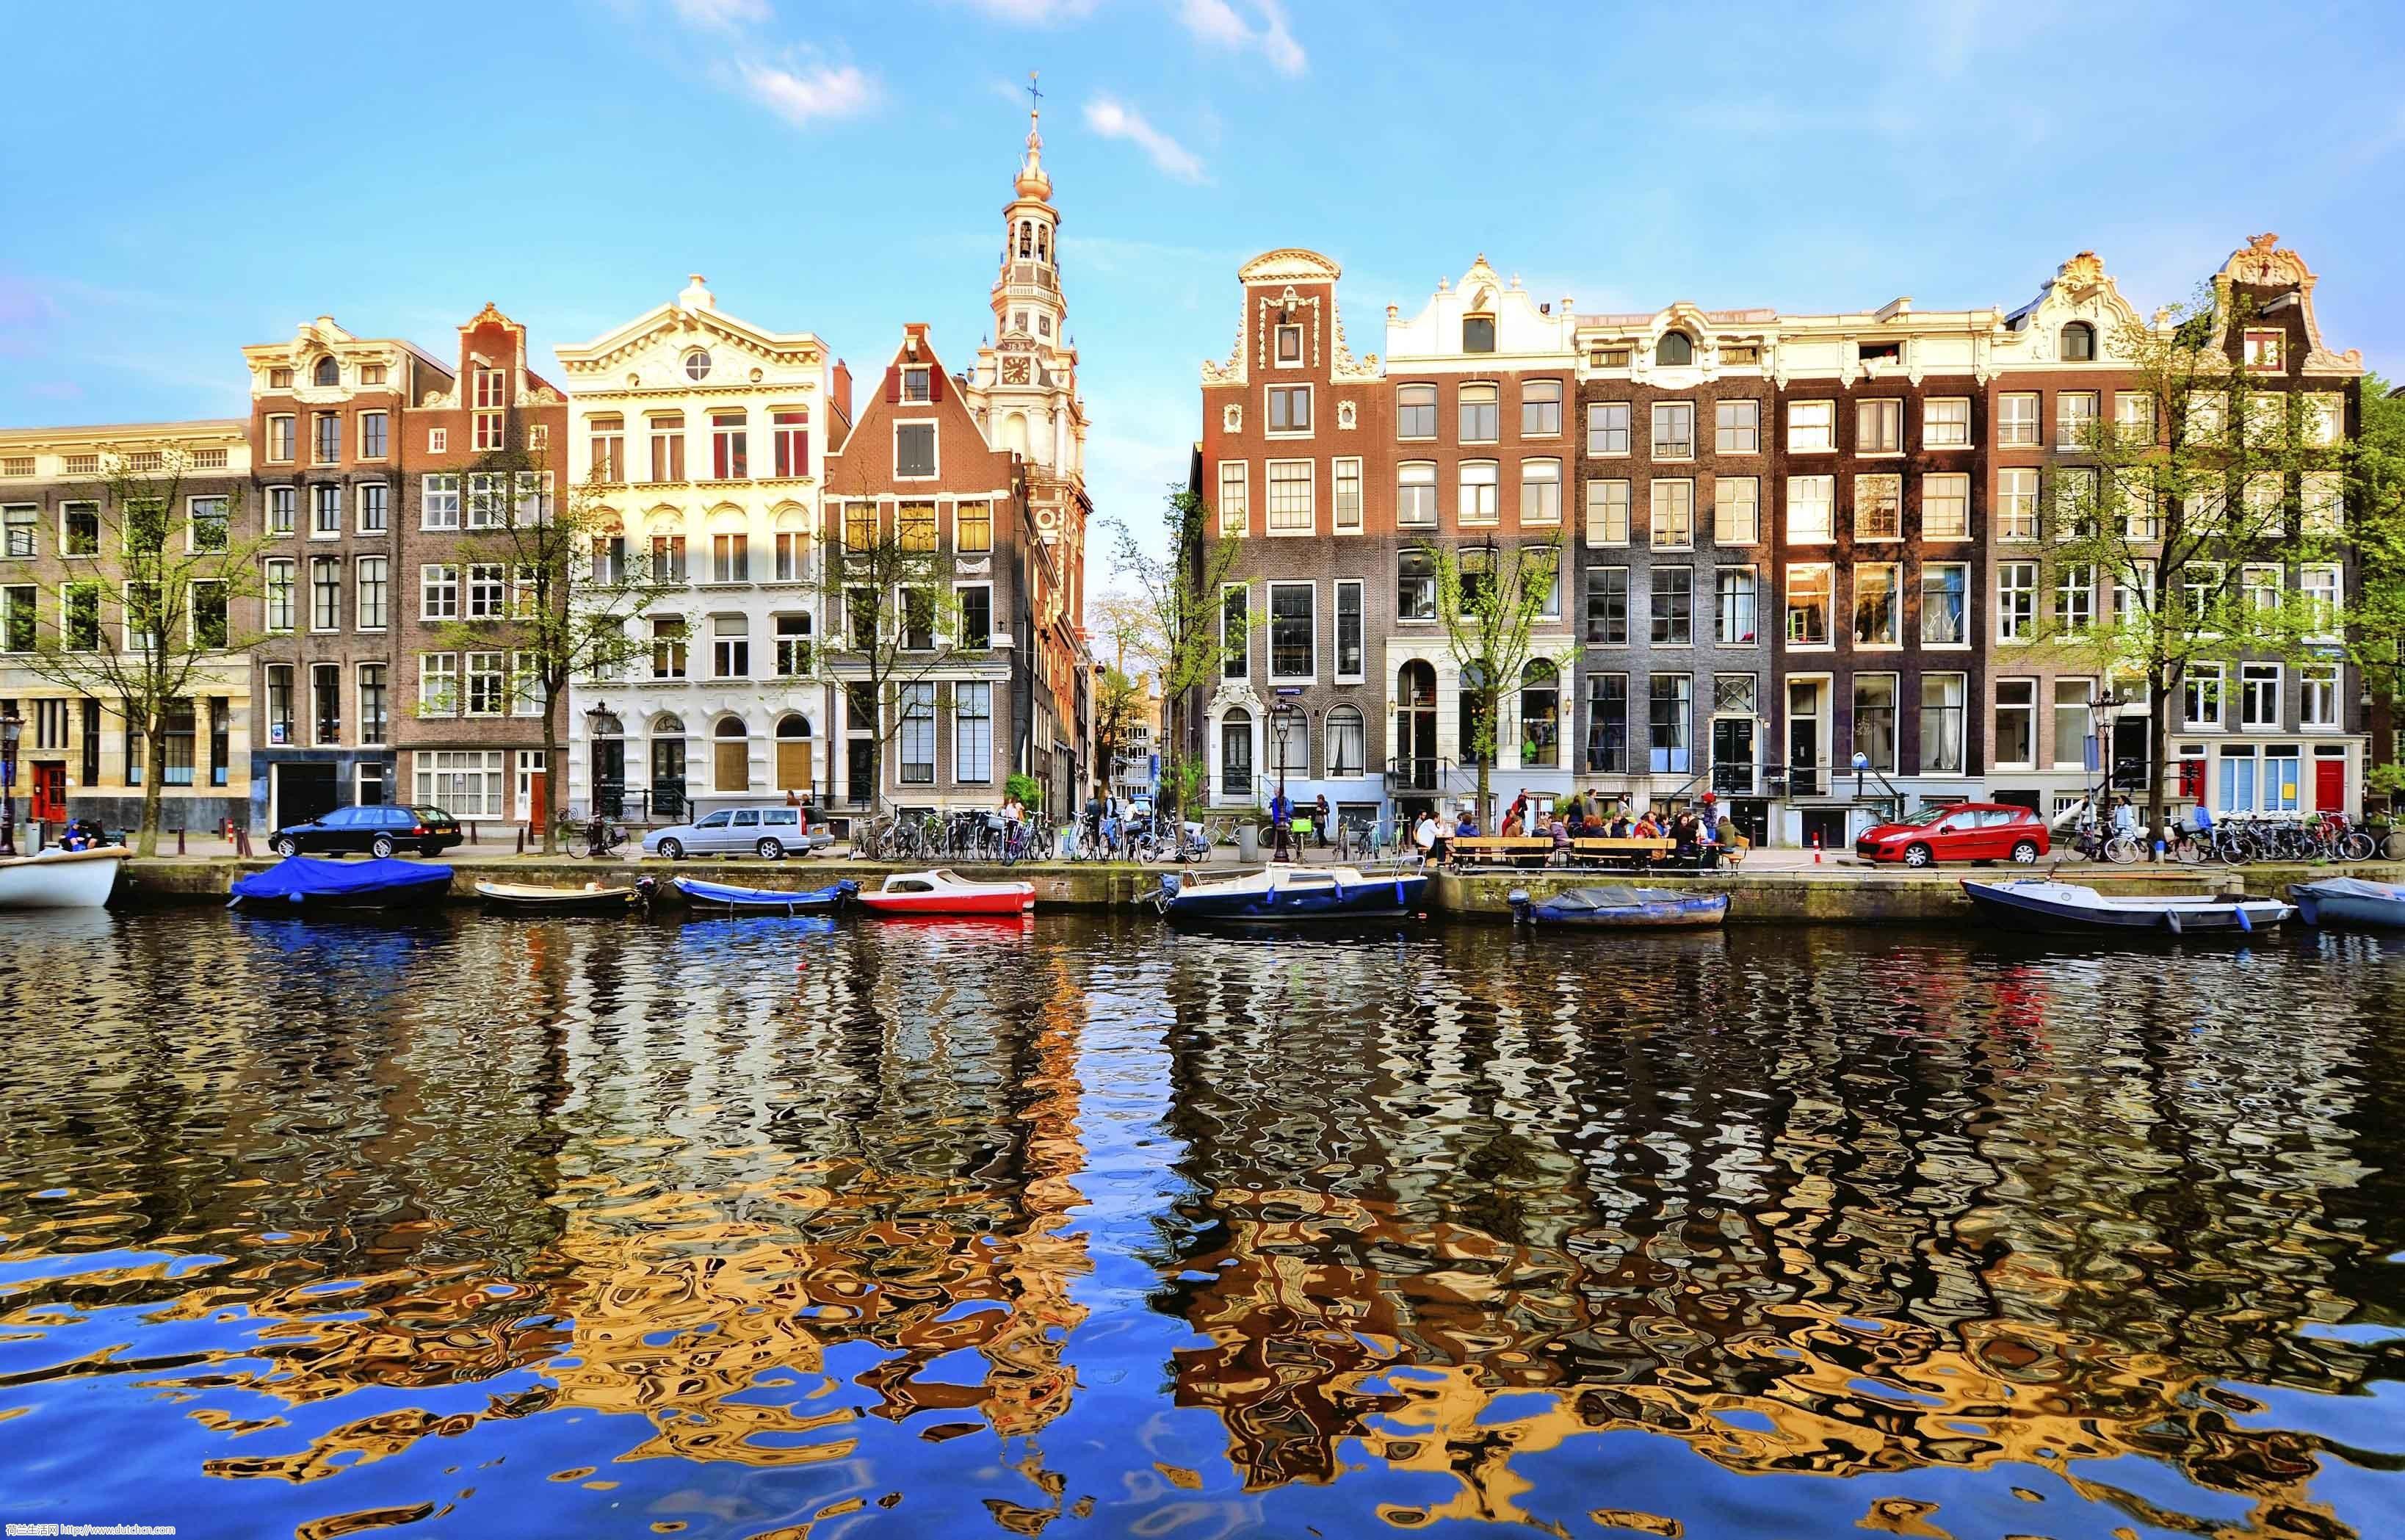 荷兰竟还没中国这1个城市富?这样富可敌国的城市中国还有34个…